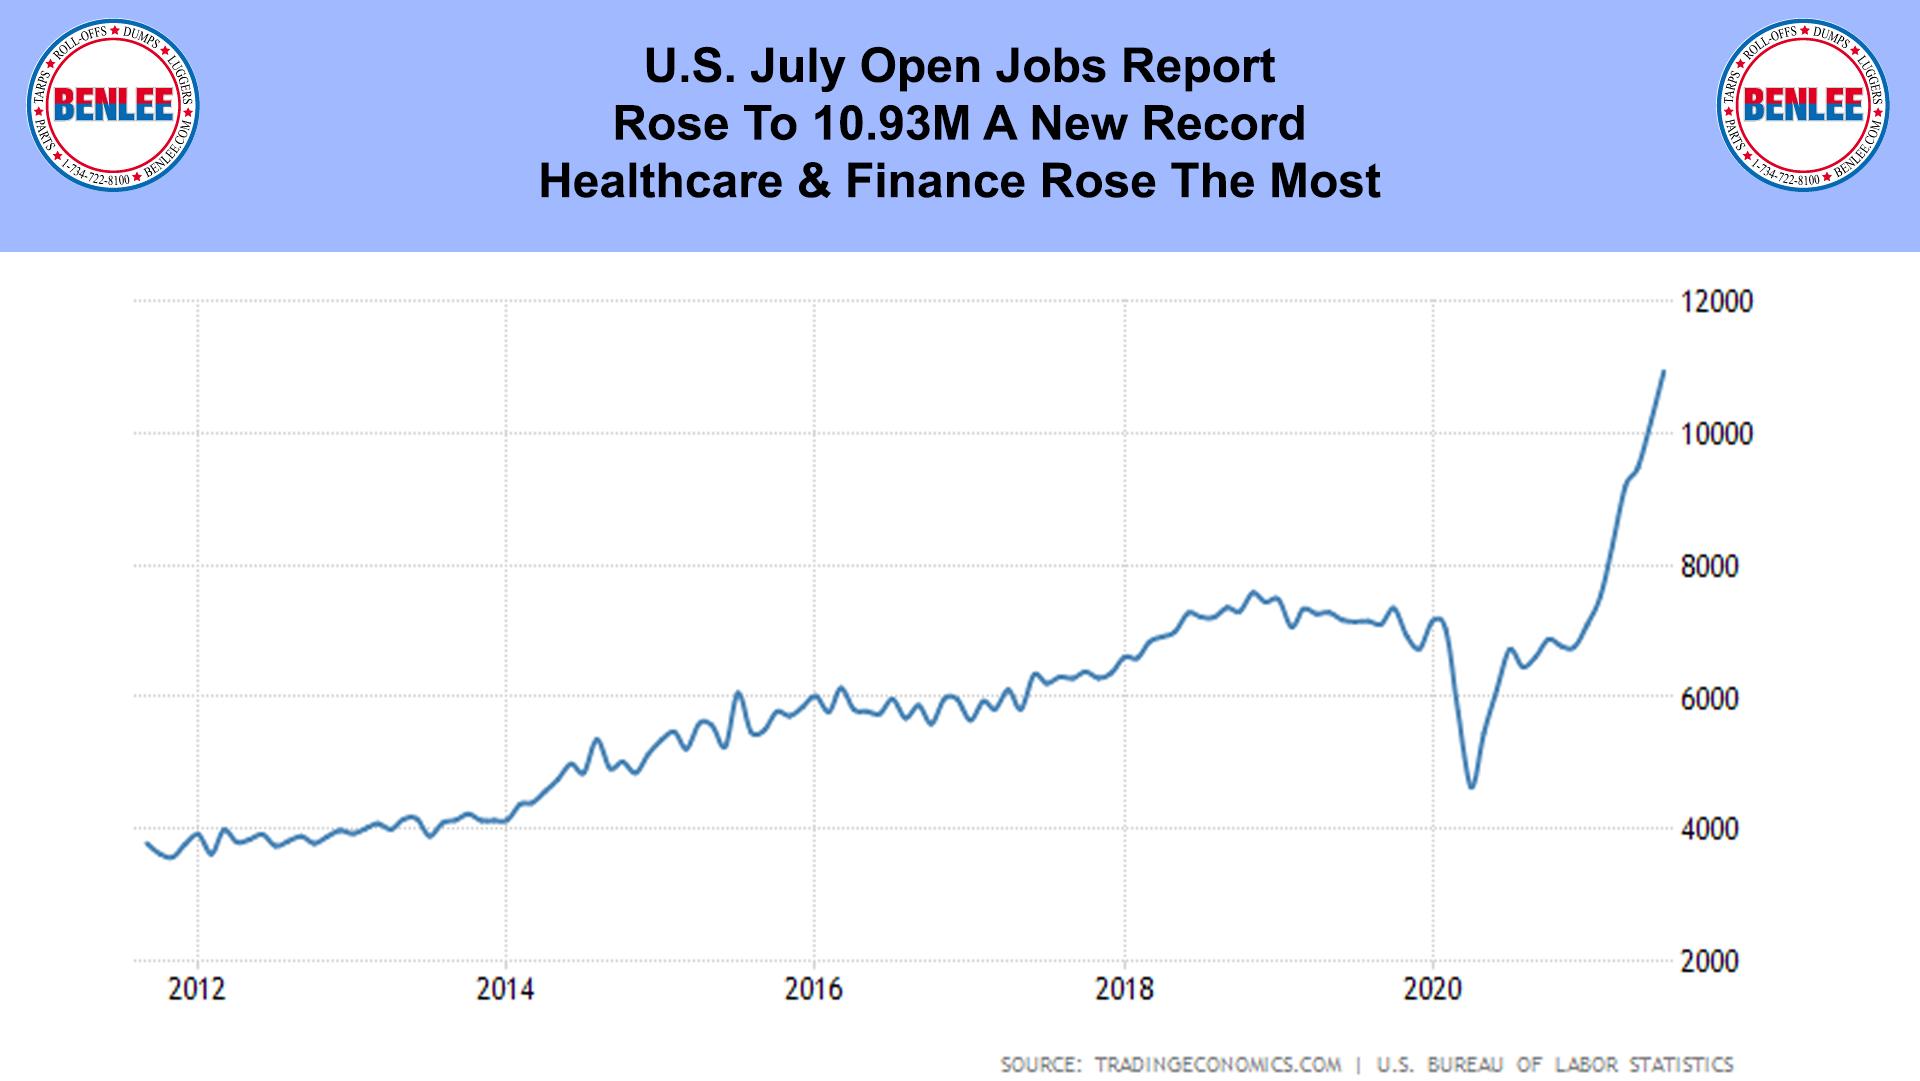 U.S. July Open Jobs Report